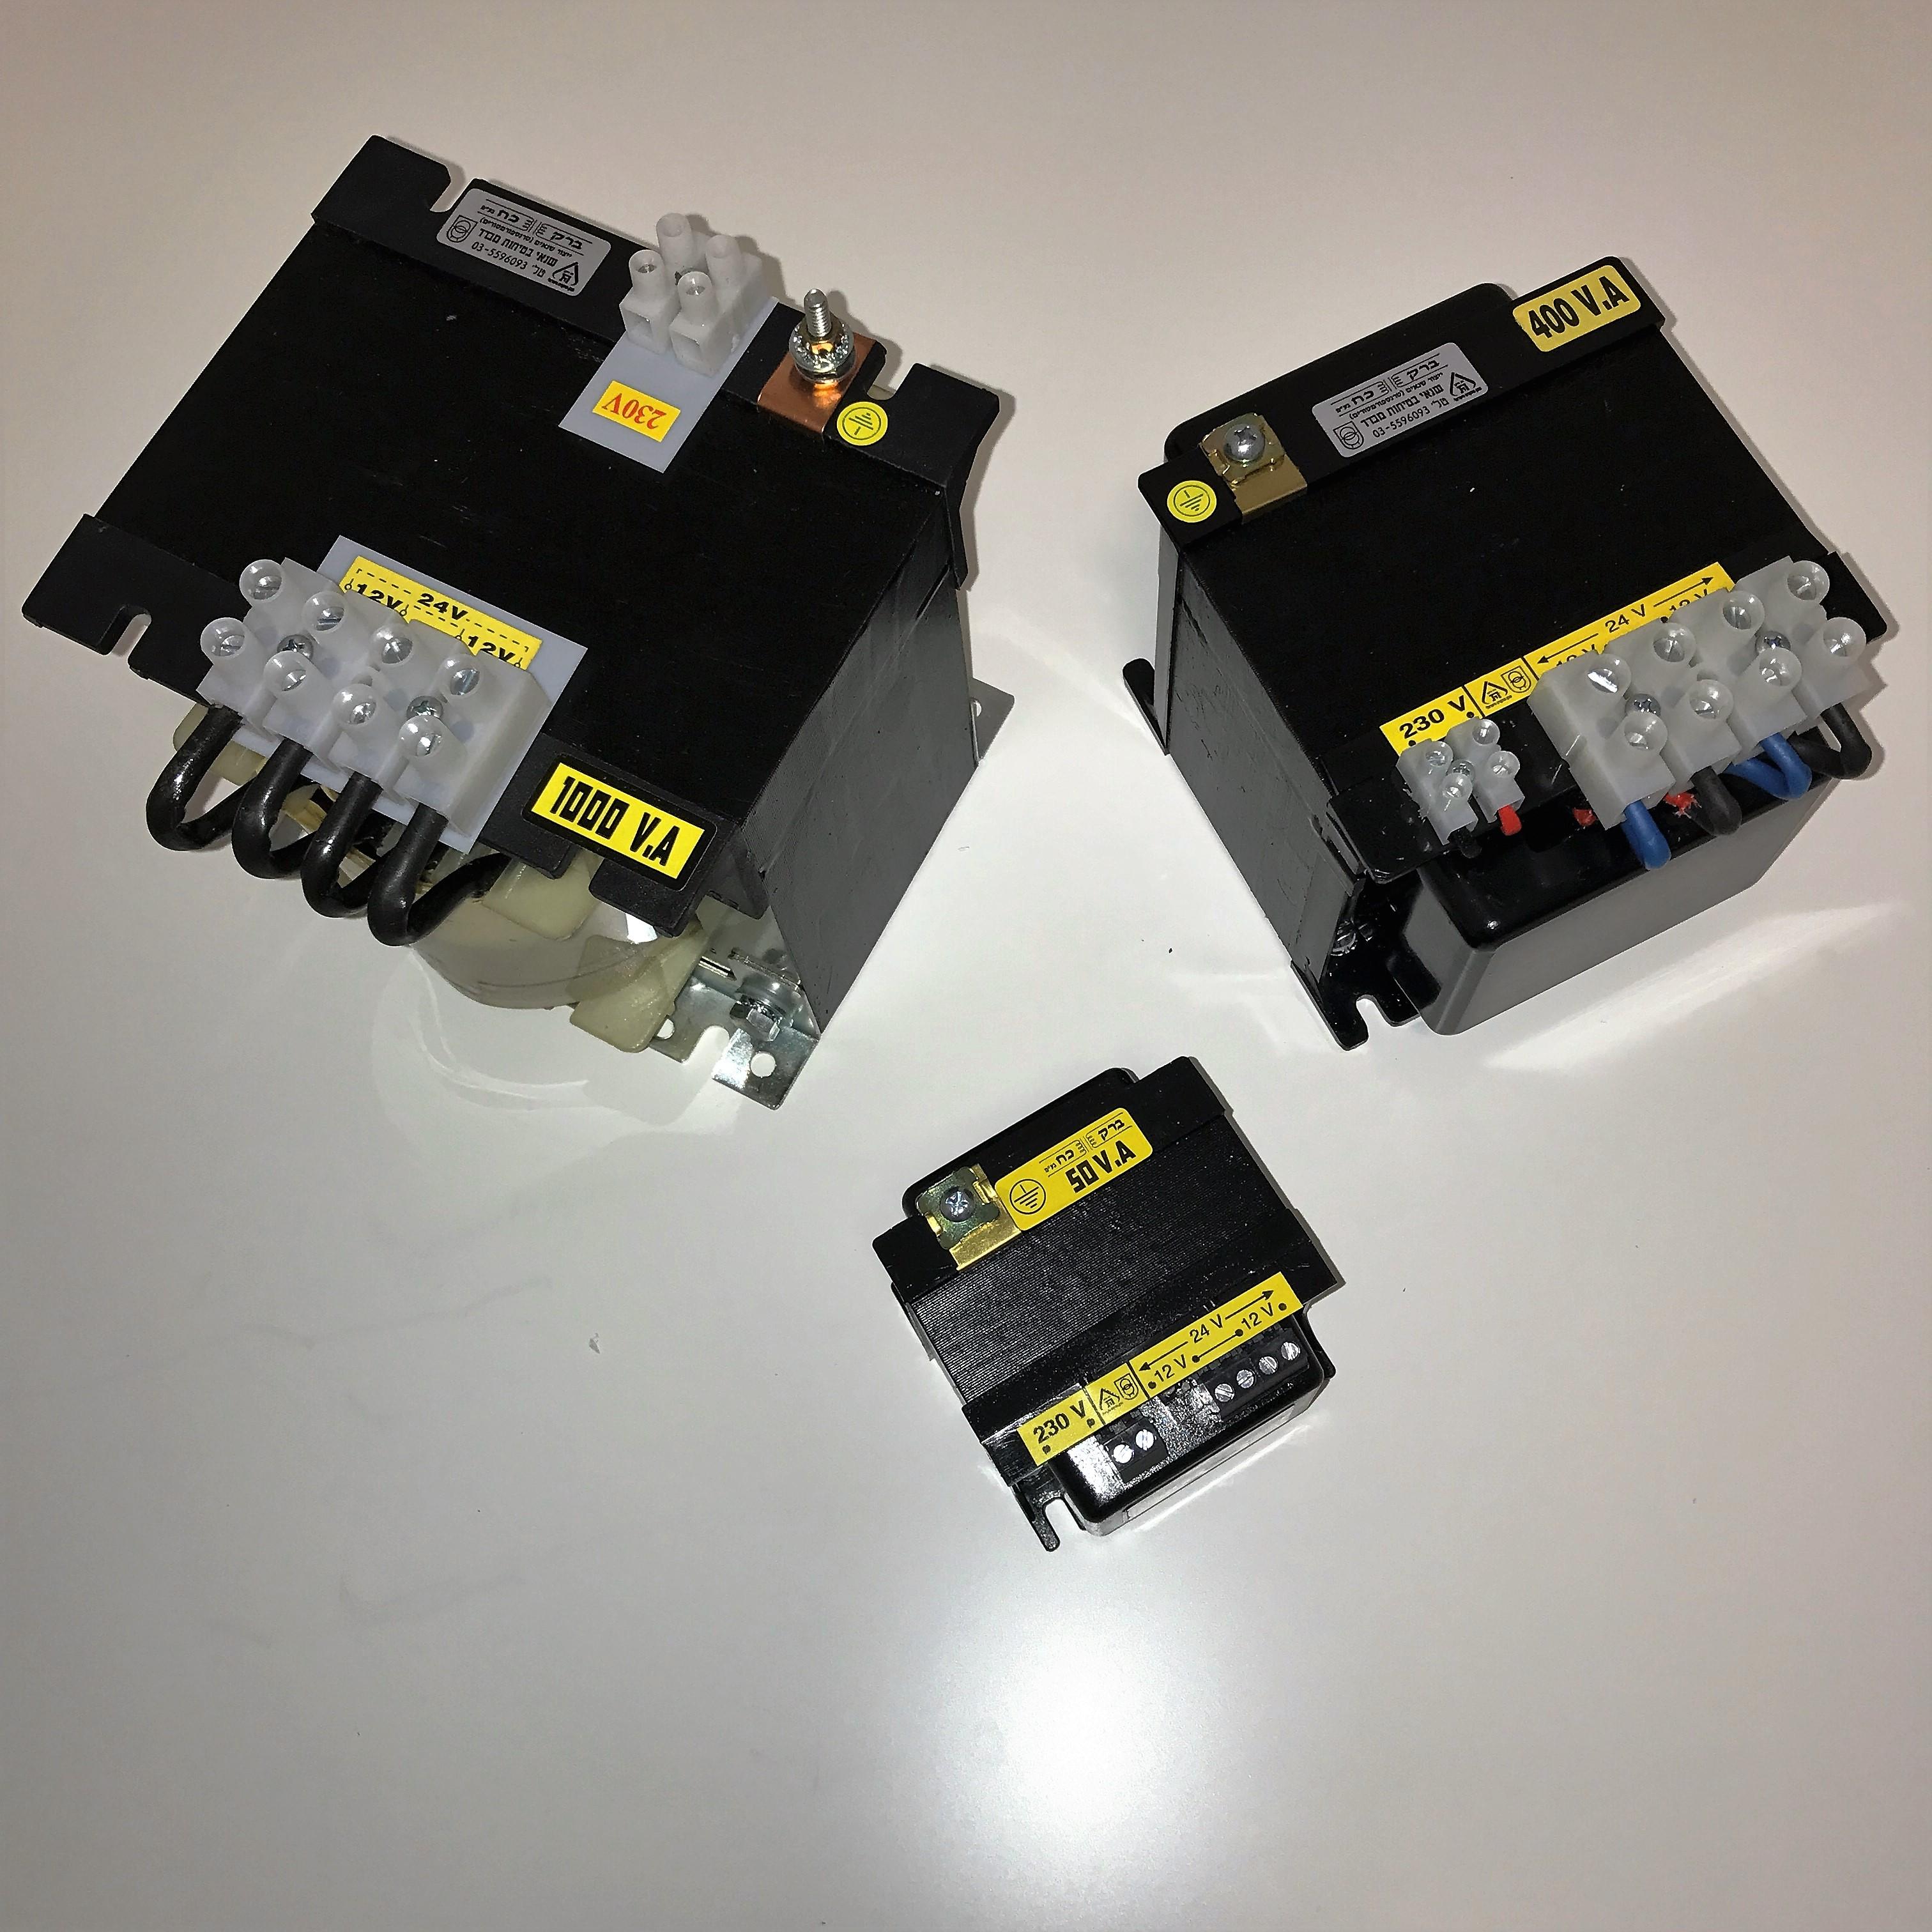 שנאי מבדל בהספק 4000VA במתחים 230V-24V